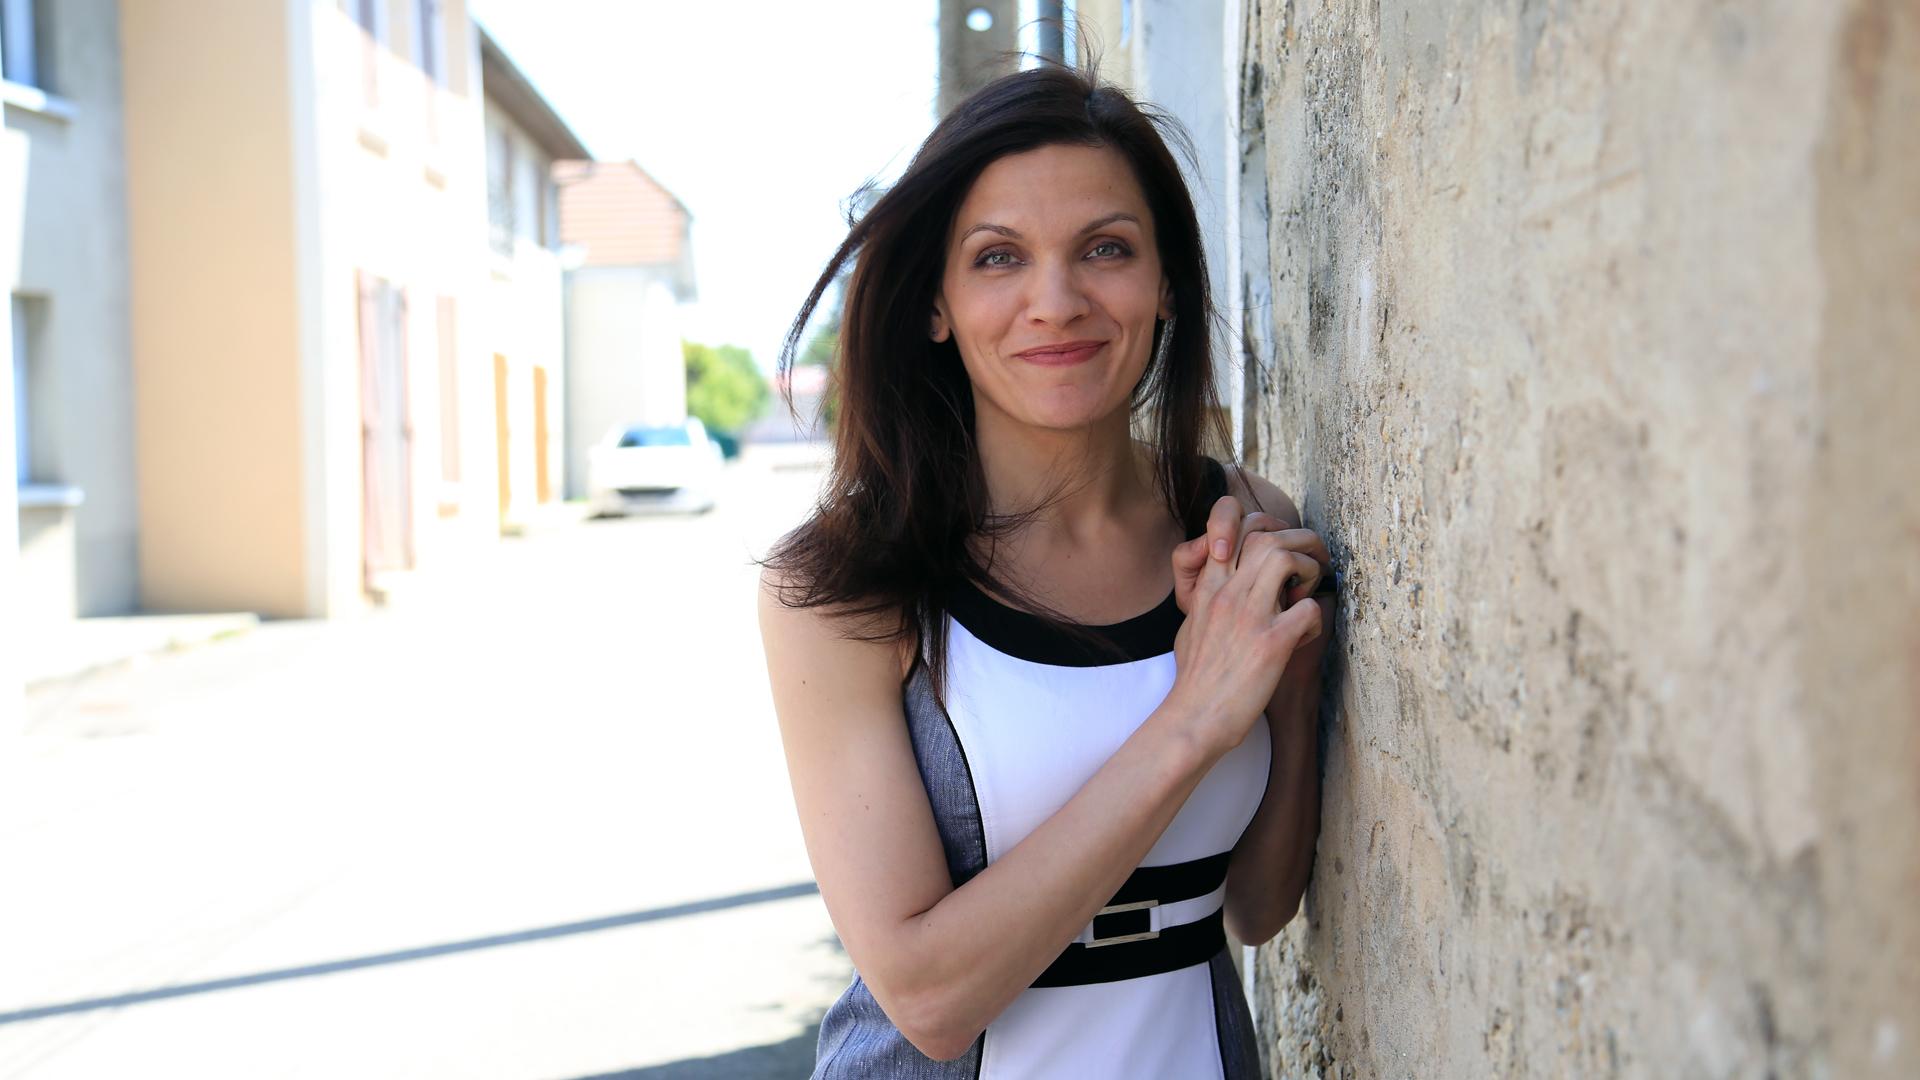 ny french actress